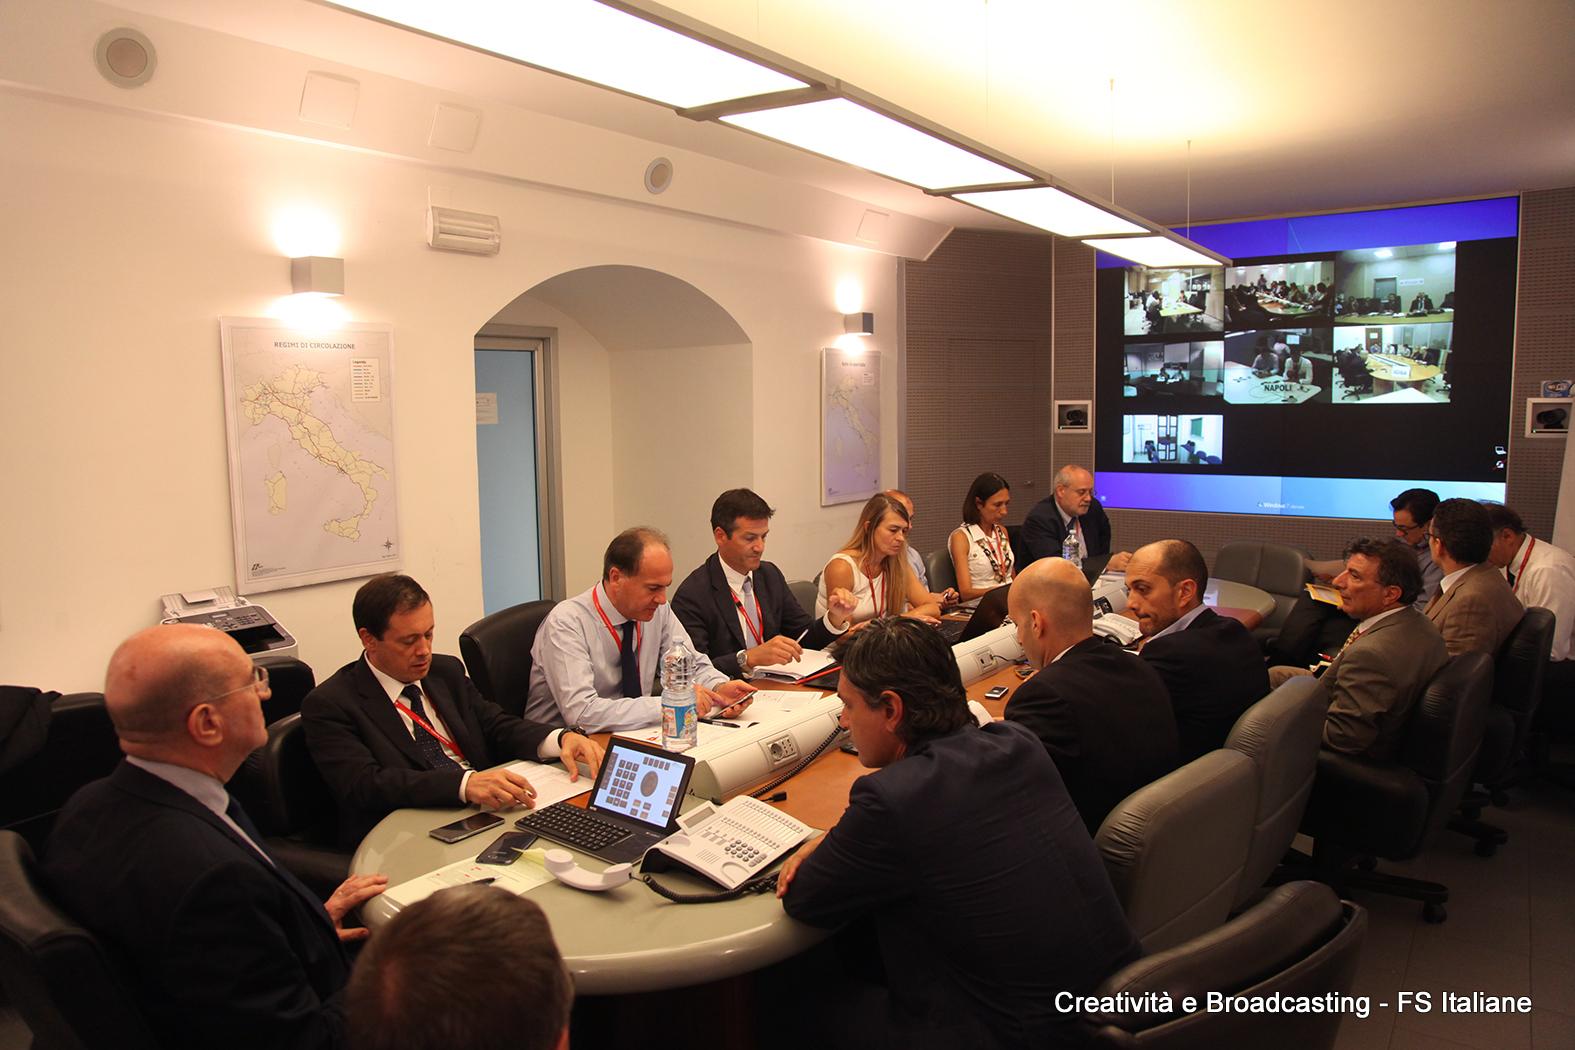 Riunione di emergenza alla sede centrale del Gruppo FS Italiane per gli ultime avvenimenti